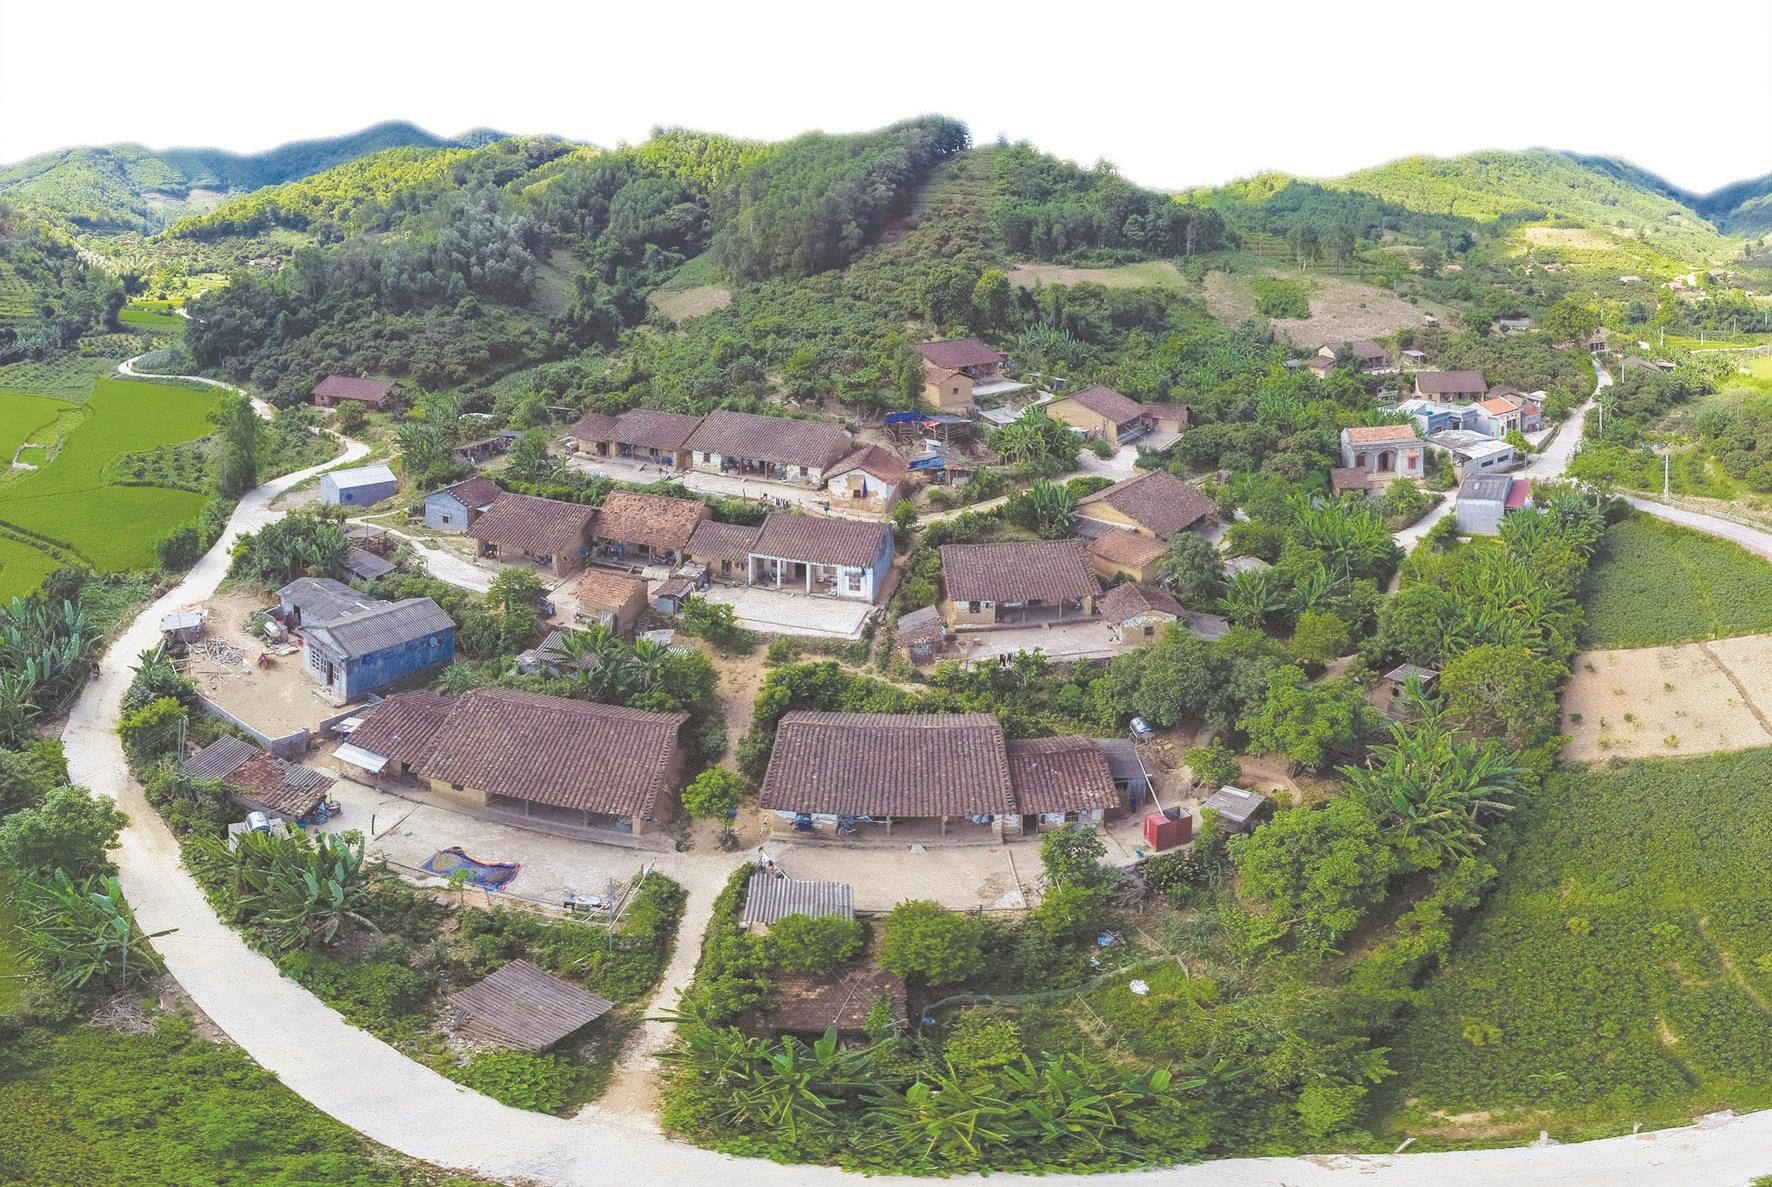 Những ngôi nhà đất nâu óng quần tụ trên một ngọn đồi ở Bắc Hoa. Ảnh: Dương Tiến Dũng